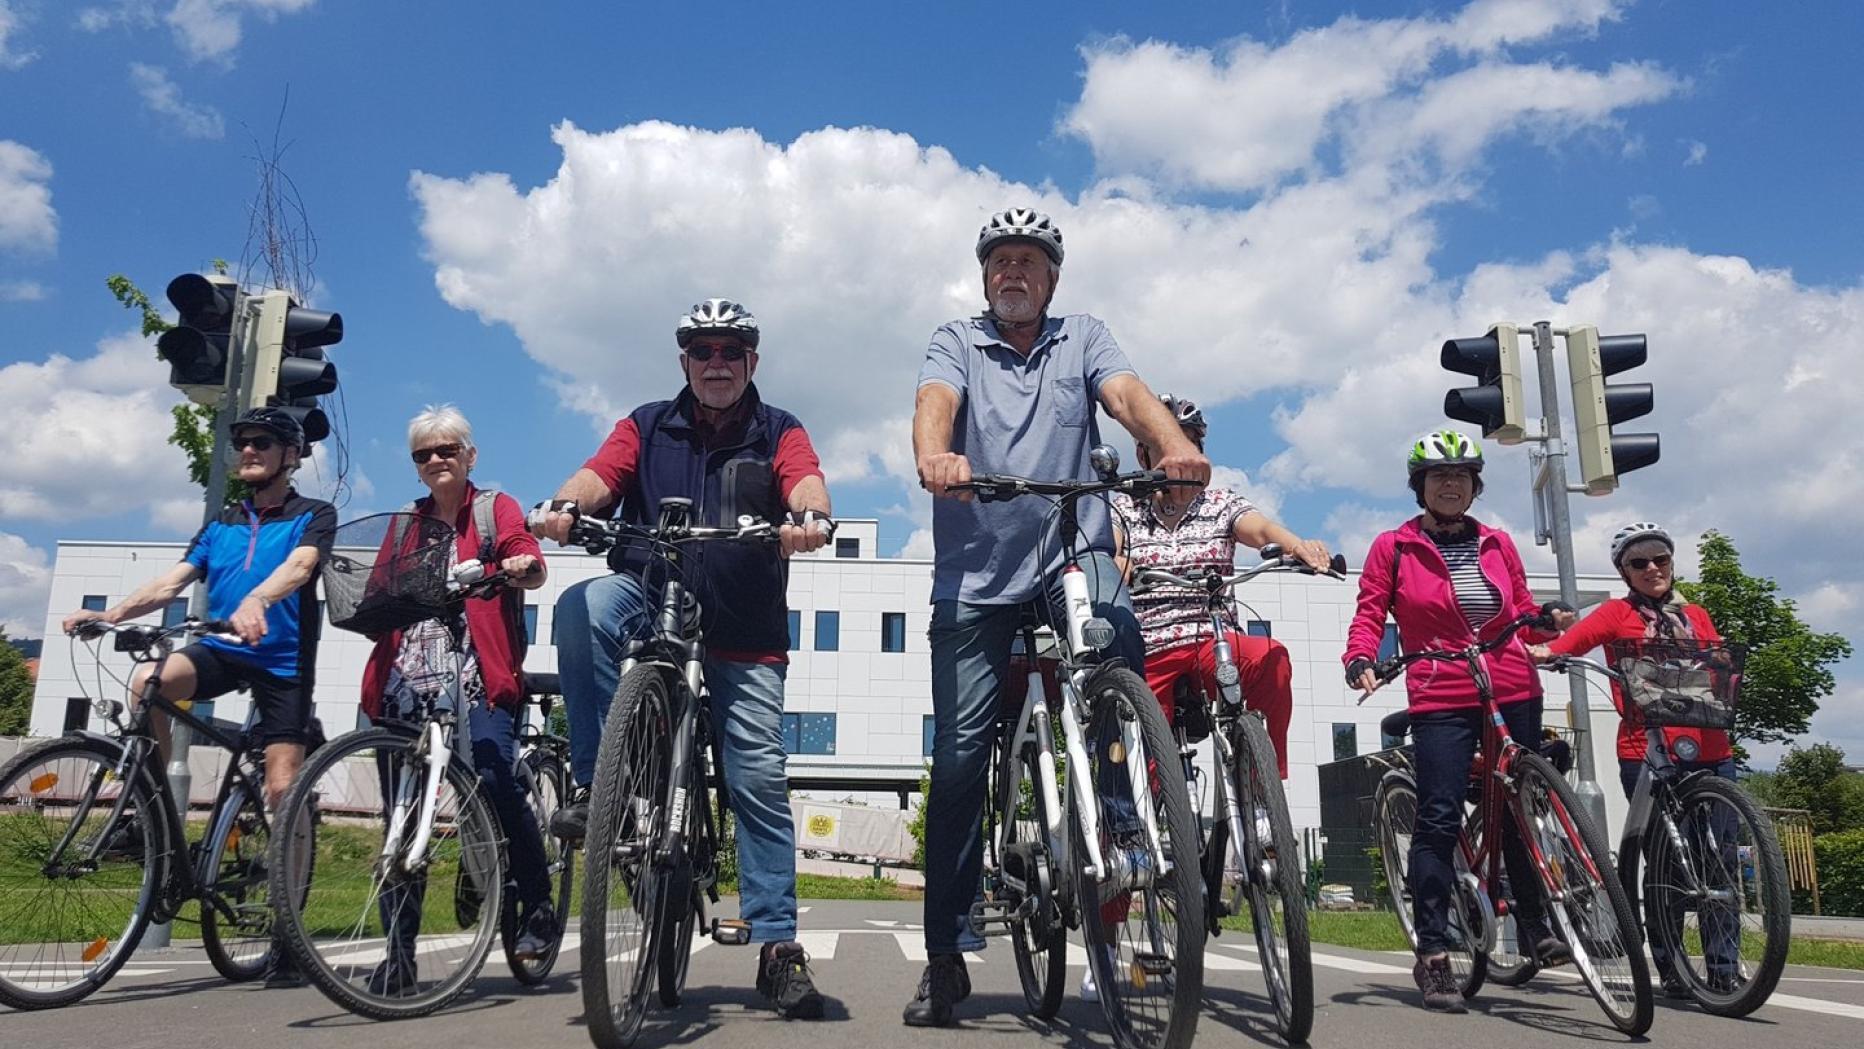 fahrrad überfährt kind